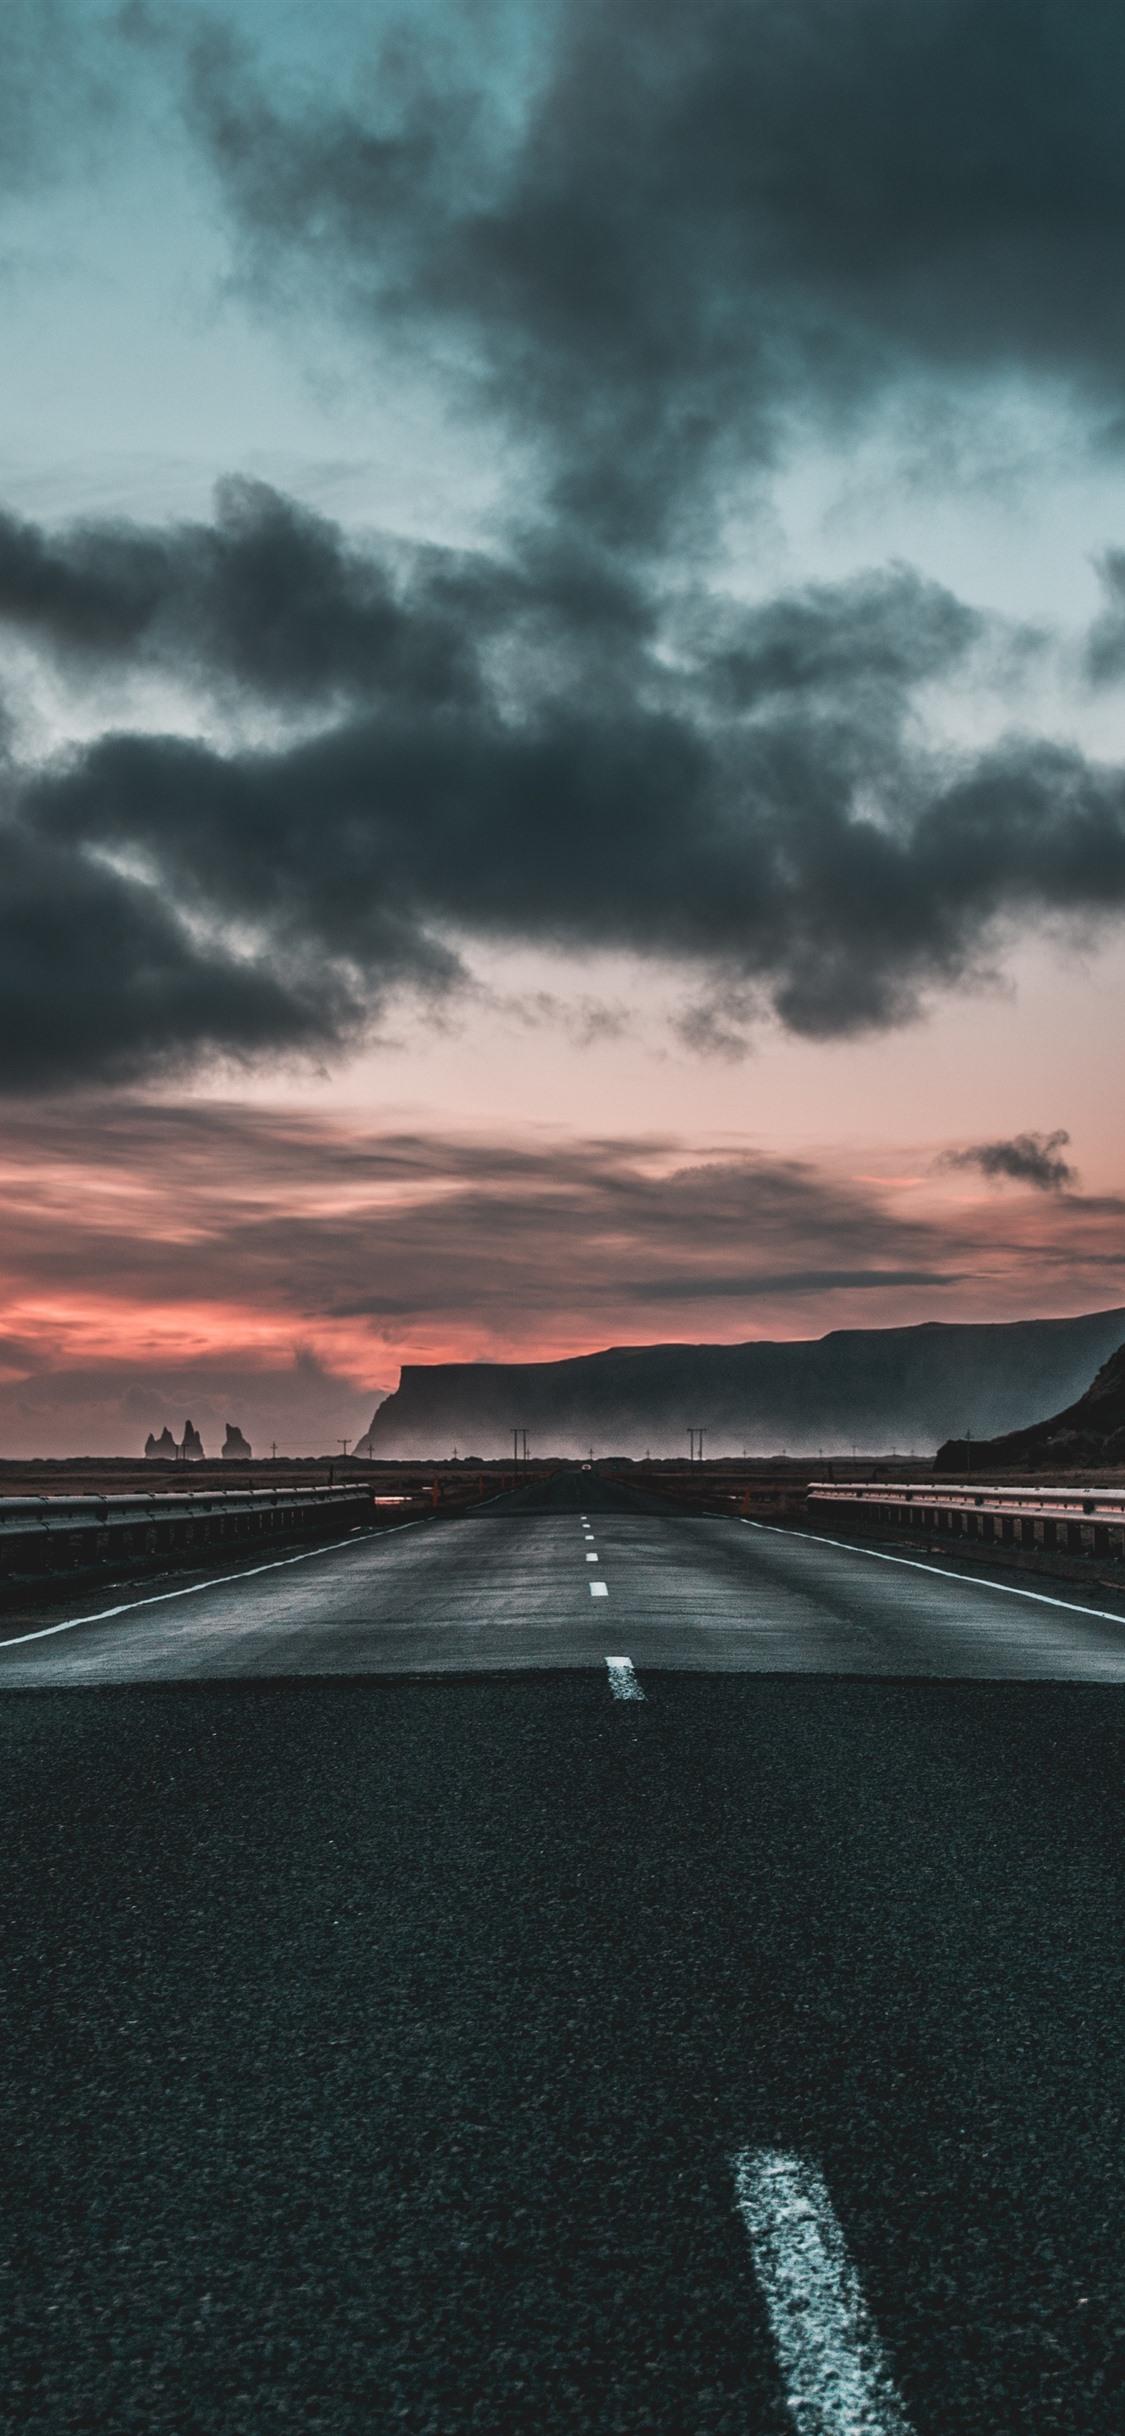 道路,公路,云,黎明 1242x2688 iPhone XS Max 壁纸,图片,背景,照片